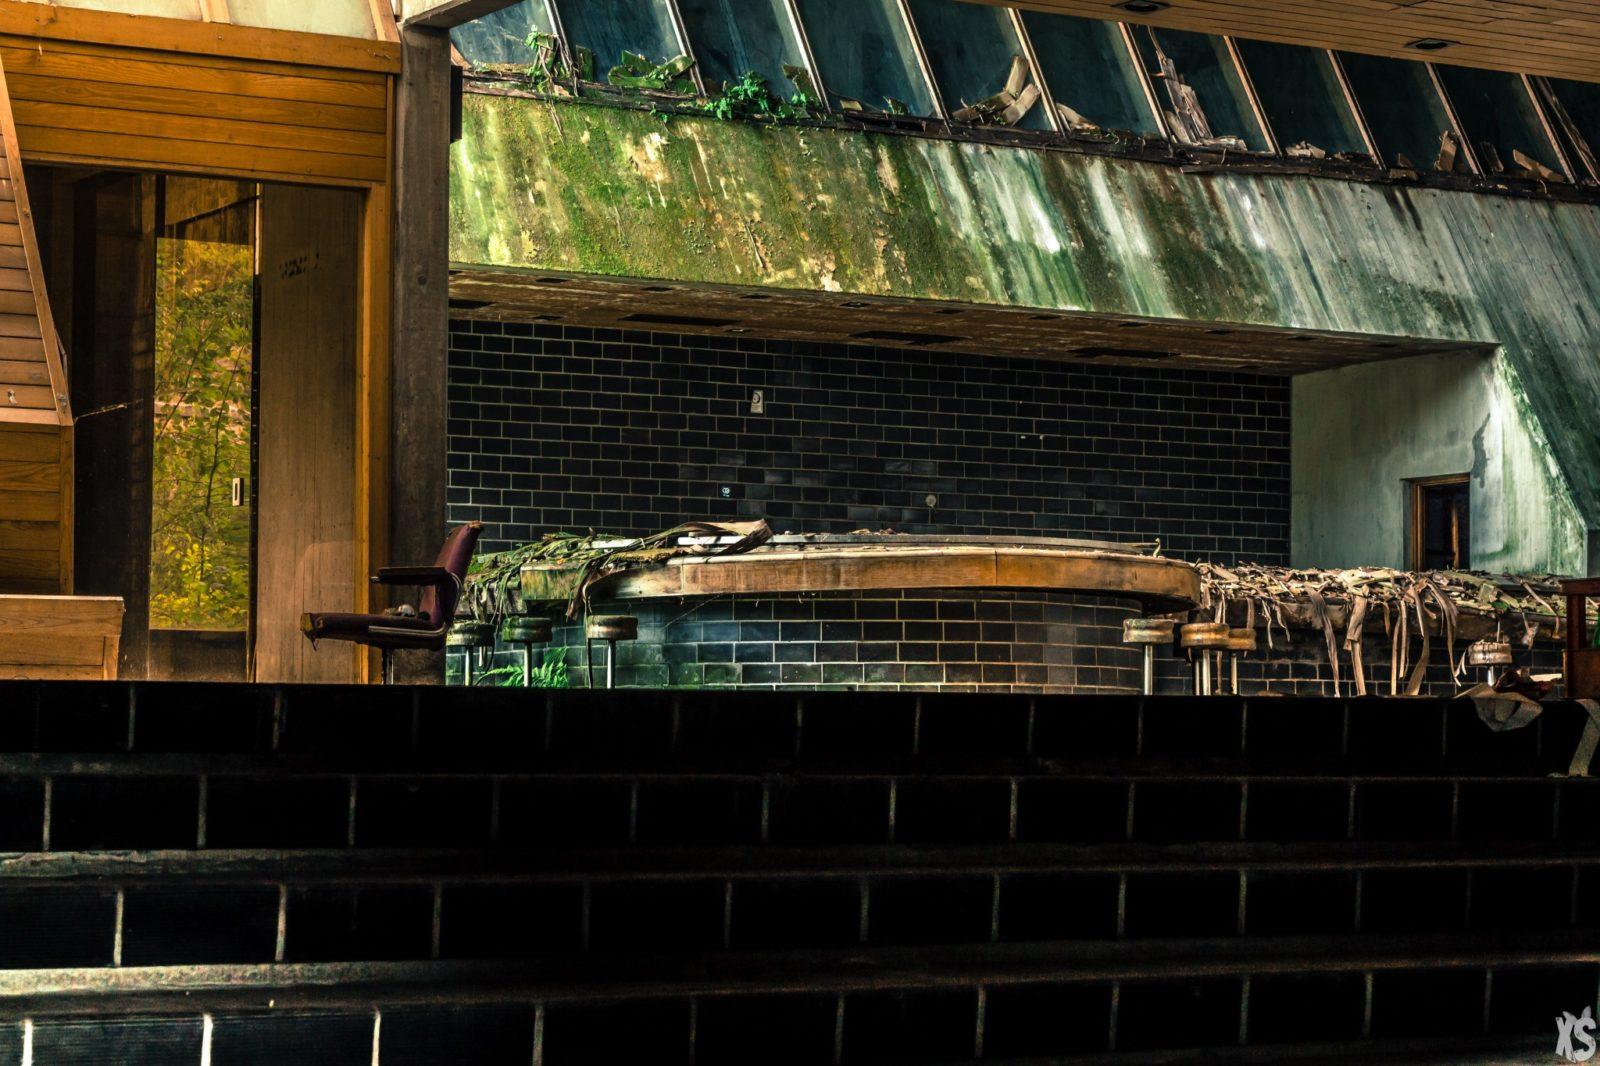 rentre ecole faculte universite lieuxabandonnes urbex explorationurbaine graffiti maternelle marceau radar allurbanmakers urbexsession vinkopintarik cafeteria design - De la maternelle à la fac, découvrez les plus belles écoles abandonnées !